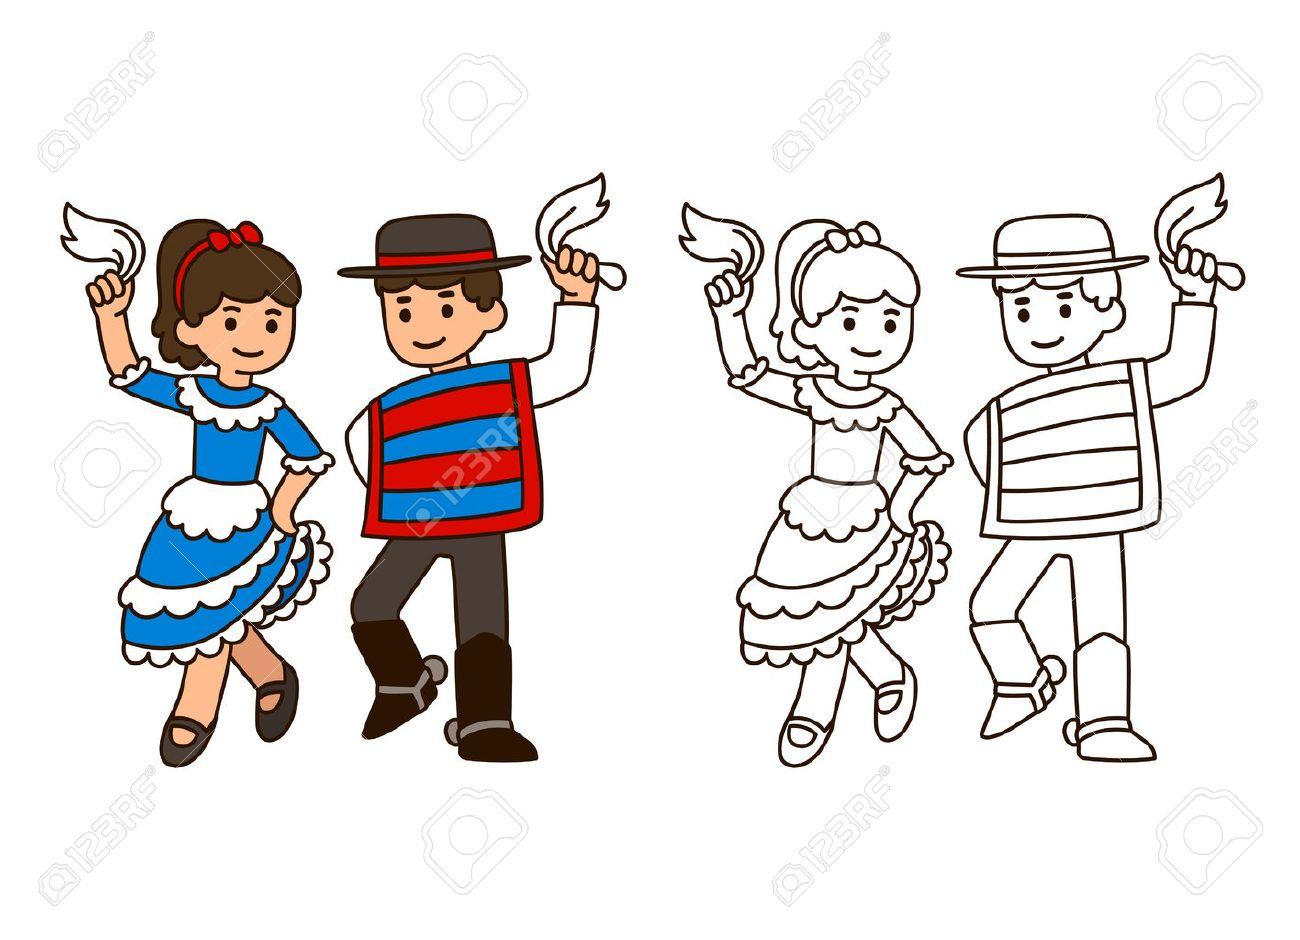 Niños De Dibujos Animados Que Bailan La Cueca, La Danza Tradicional ...